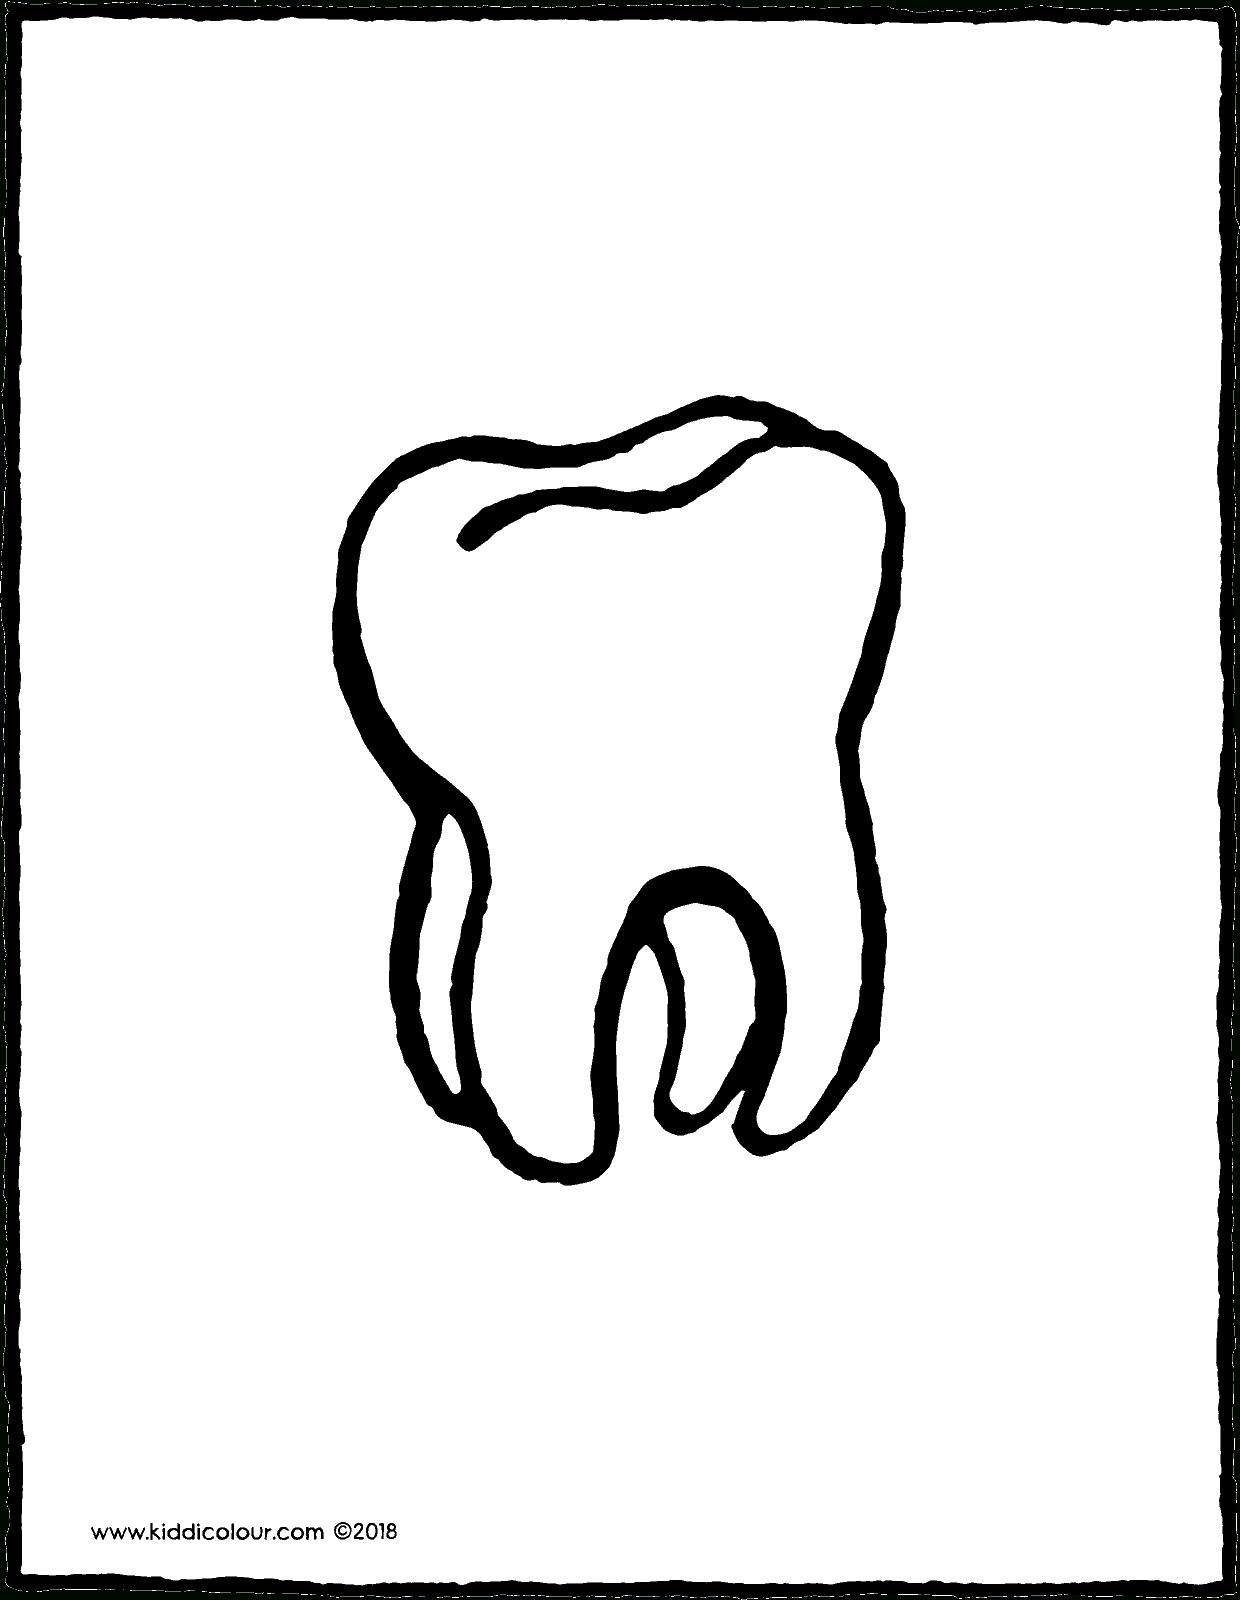 Zahn - Kiddimalseite ganzes Ausmalbild Zahn